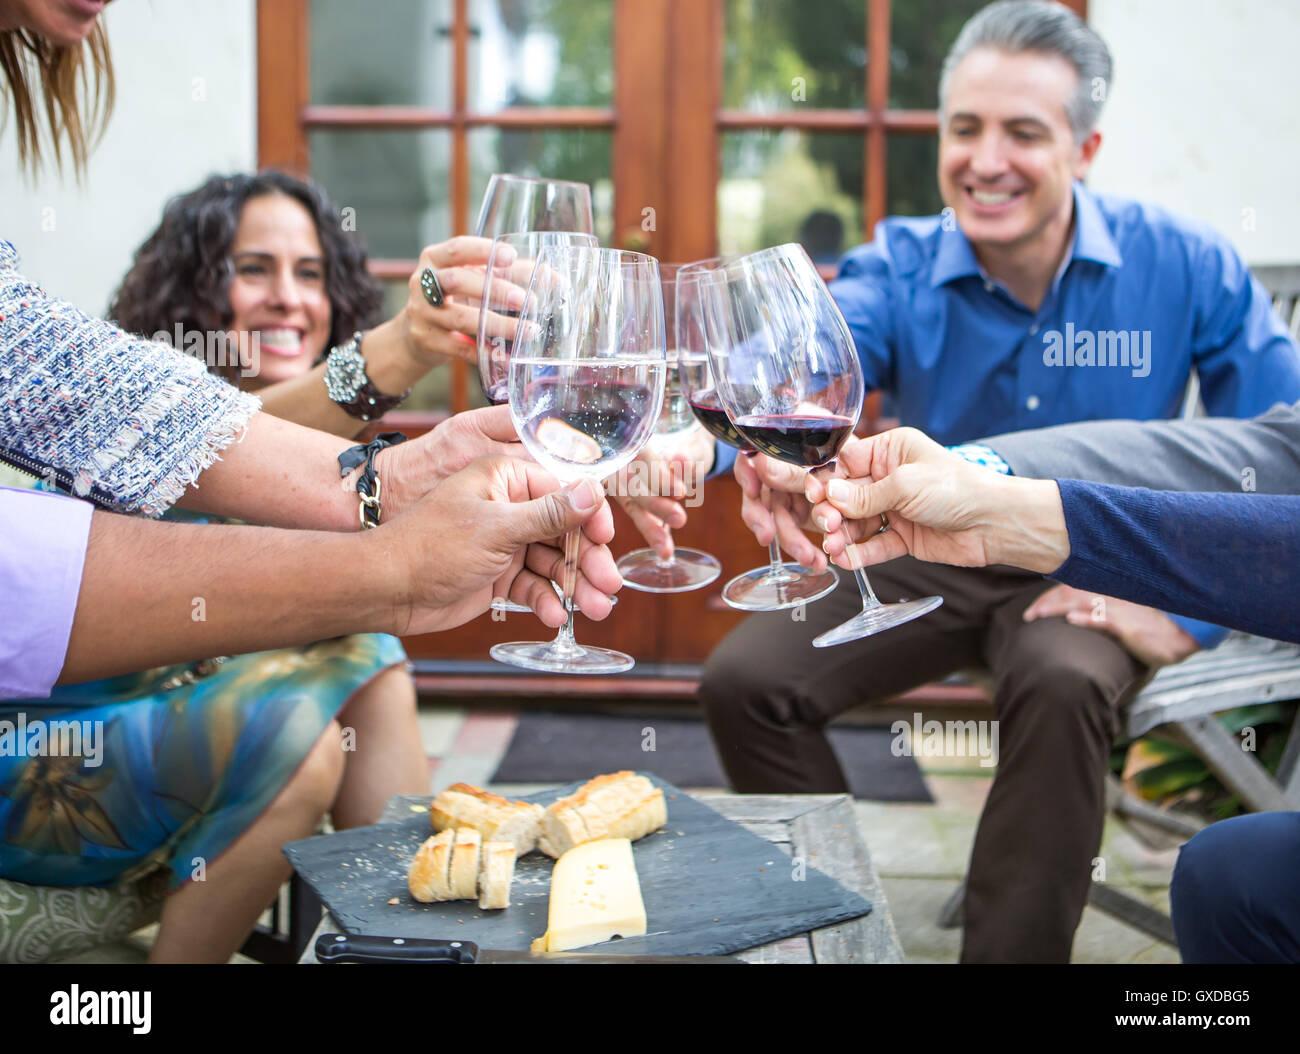 Reife Erwachsene Freunde machen Wein Toast auf Gartenparty auf Terrasse Stockbild